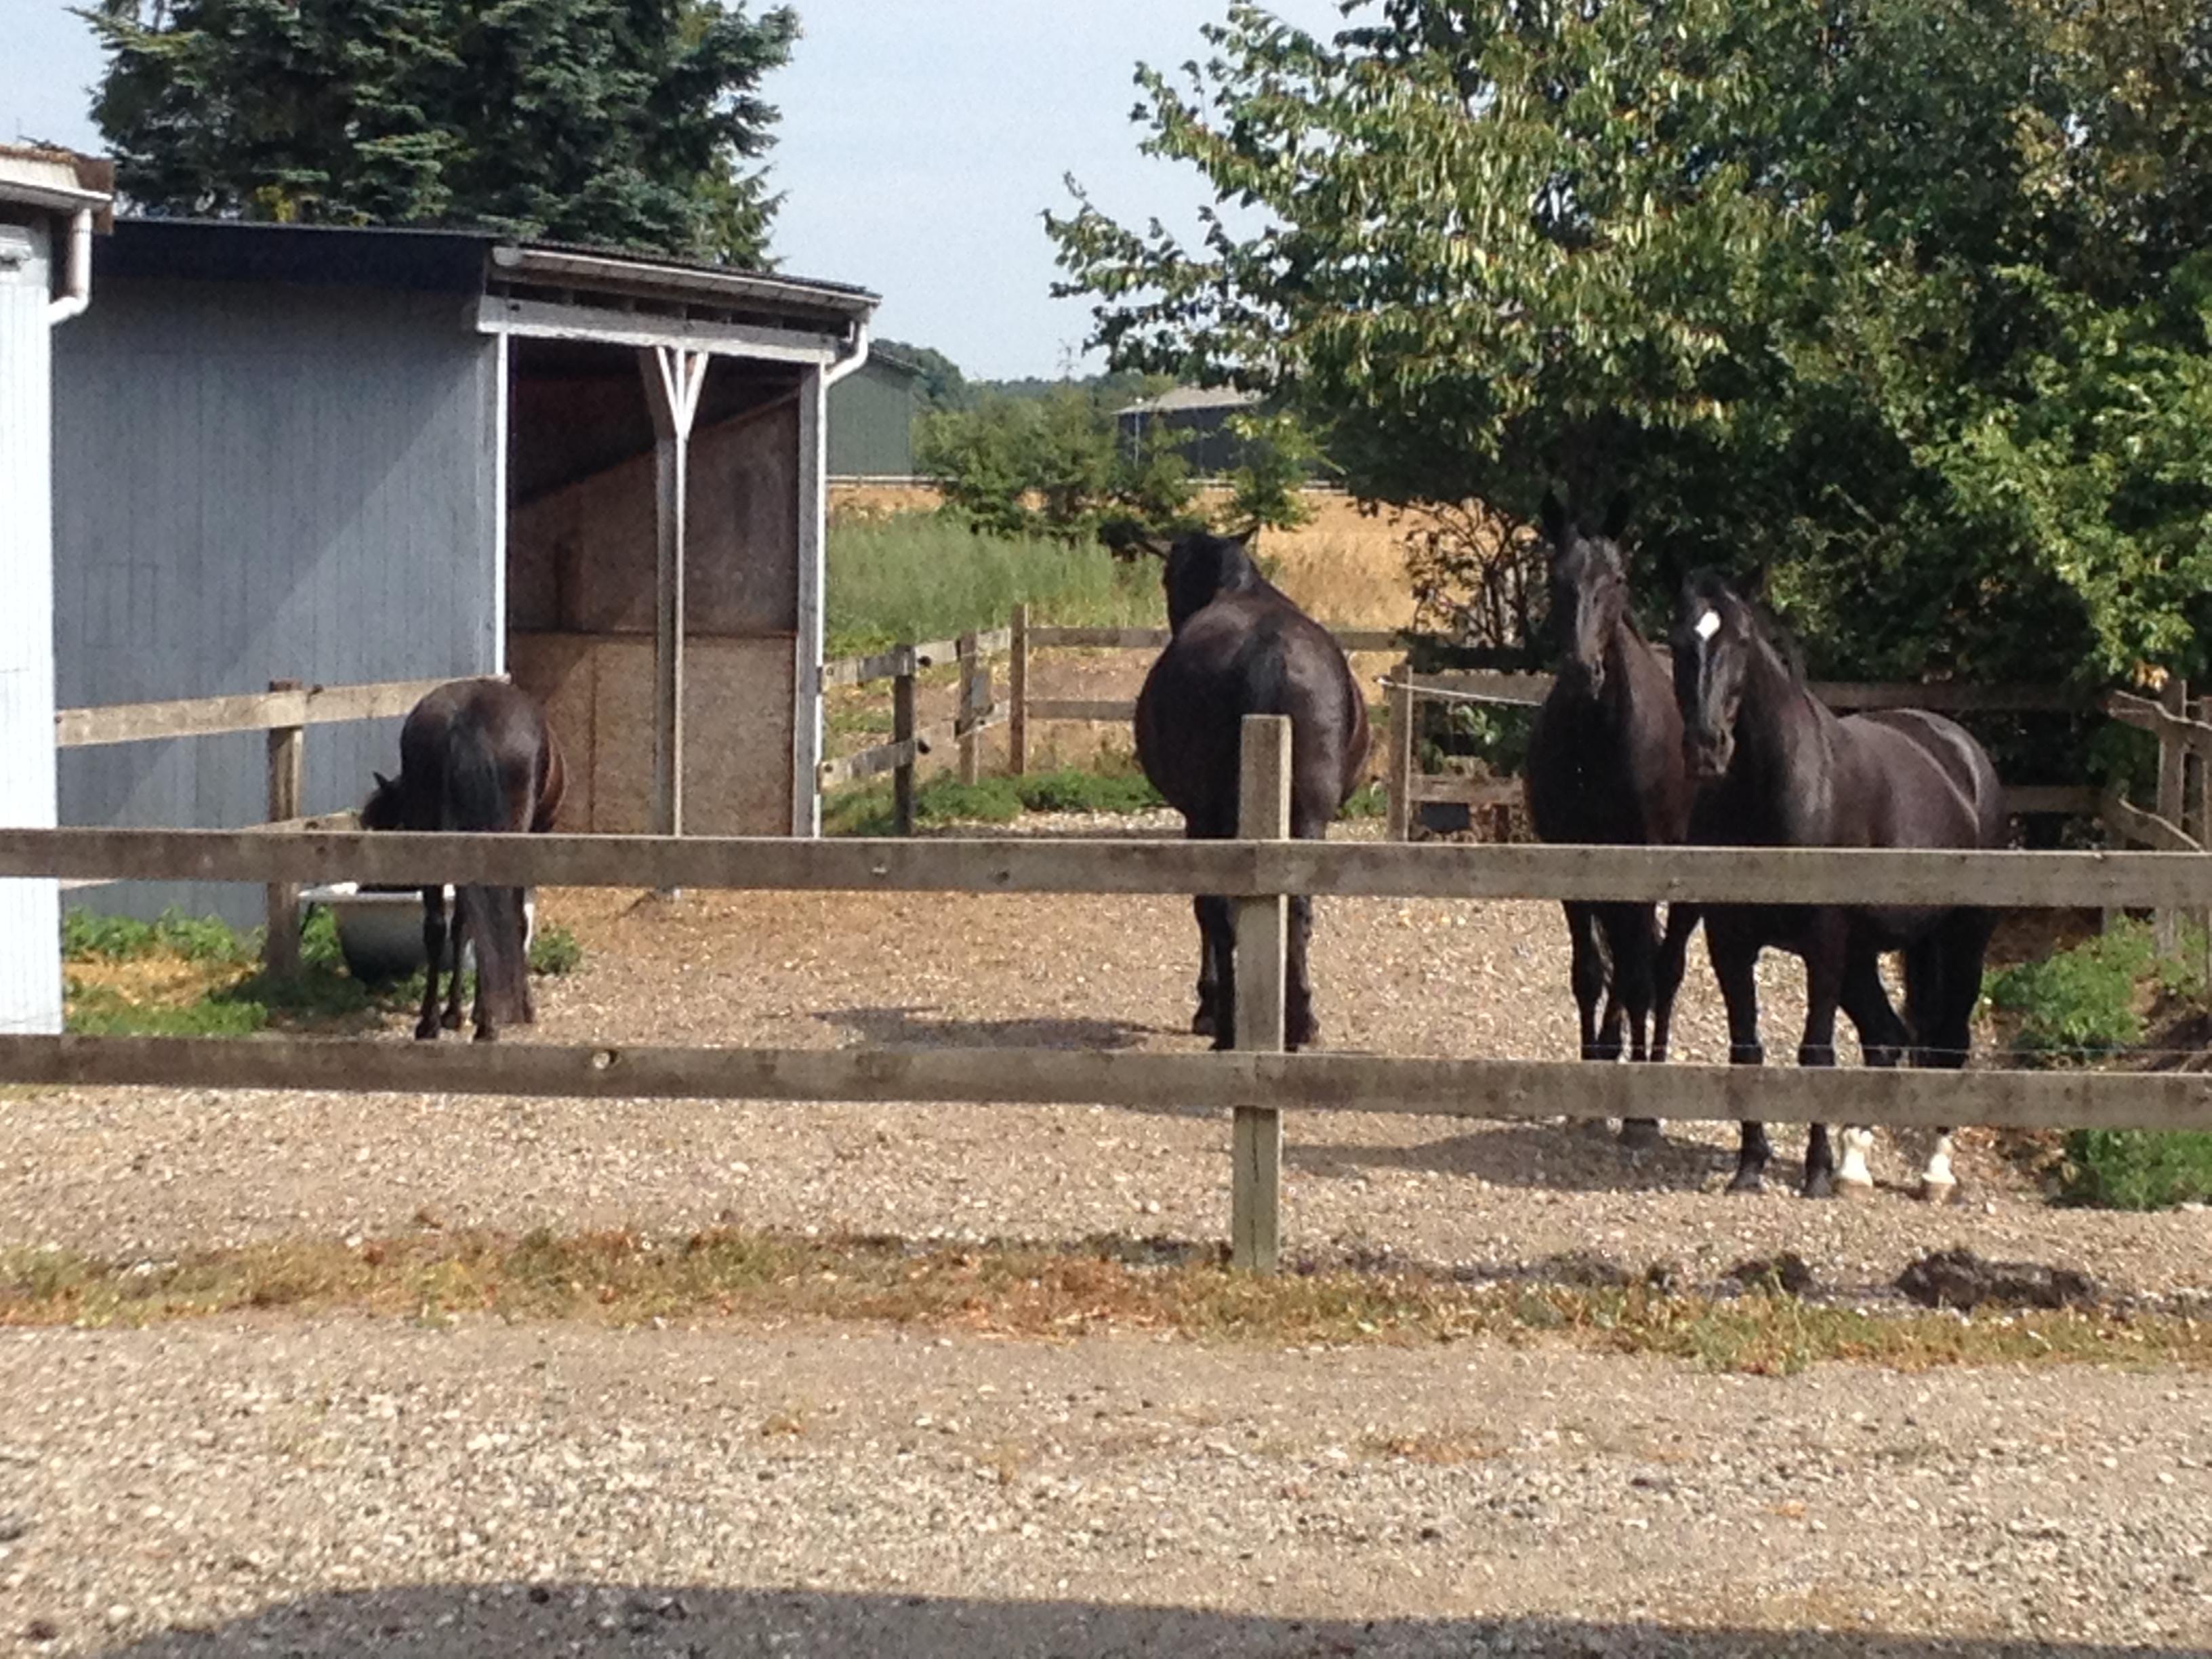 Aug 2018. Så er Kraka sat sammen med de andre heste. Det går fint. Hun får både lov til at komme til vandet og høet.